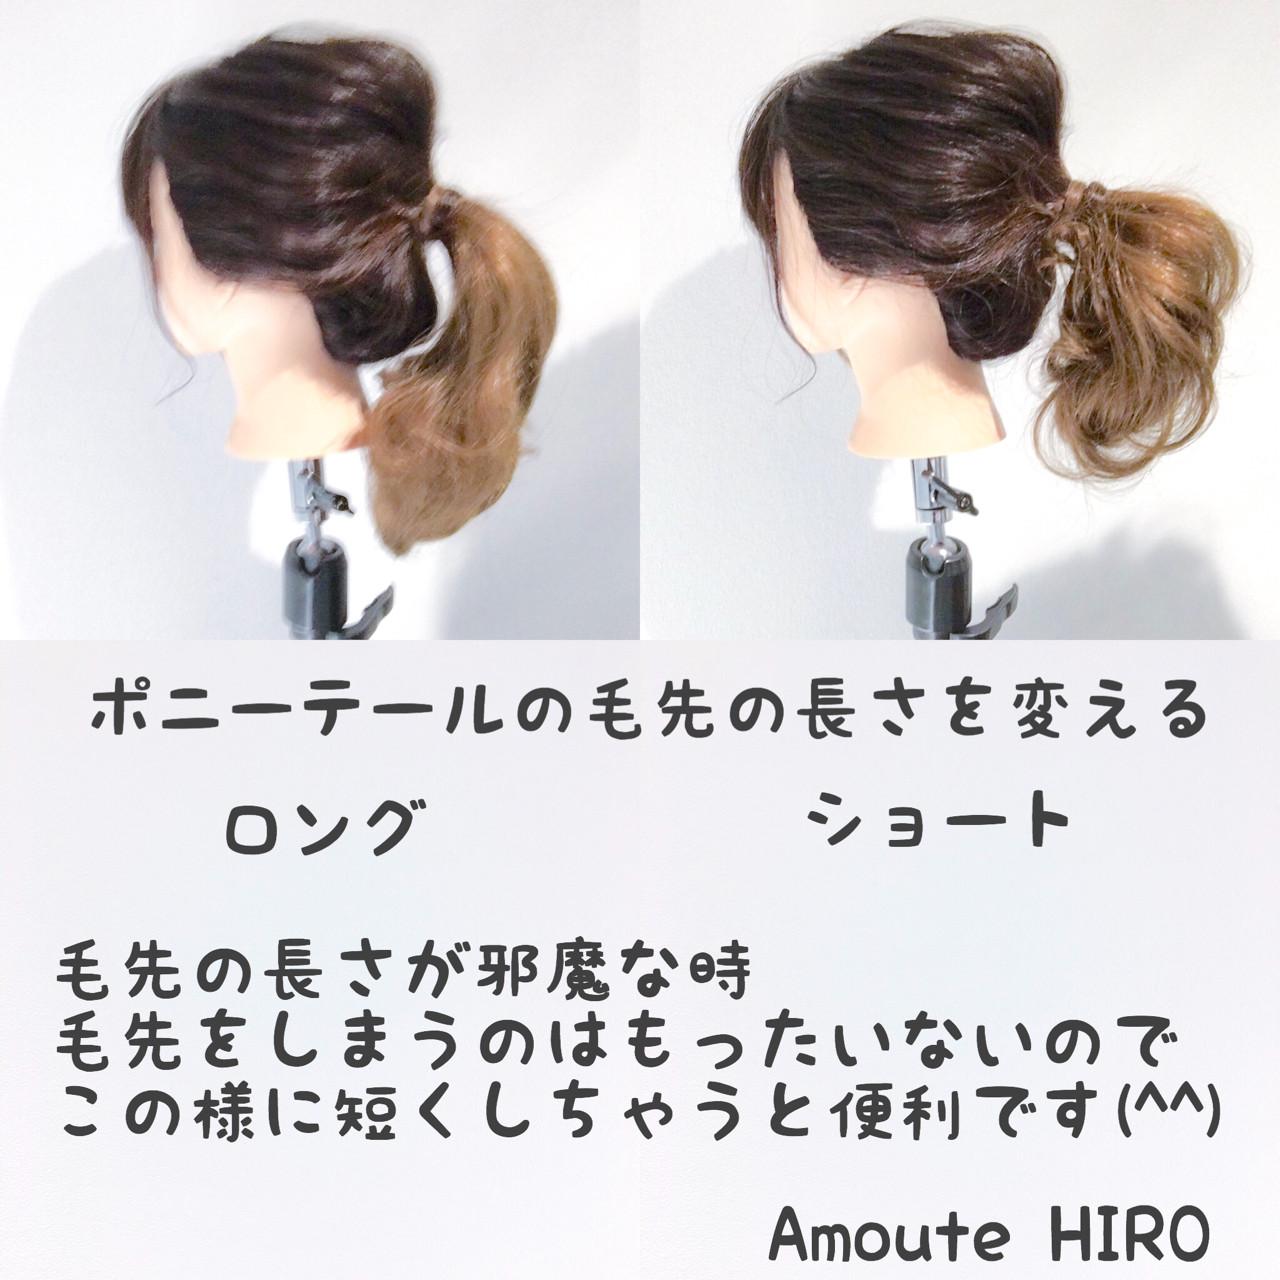 セミロング 時短 ナチュラル 簡単 ヘアスタイルや髪型の写真・画像 | 美容師HIRO/Amoute代表 / Amoute/アムティ